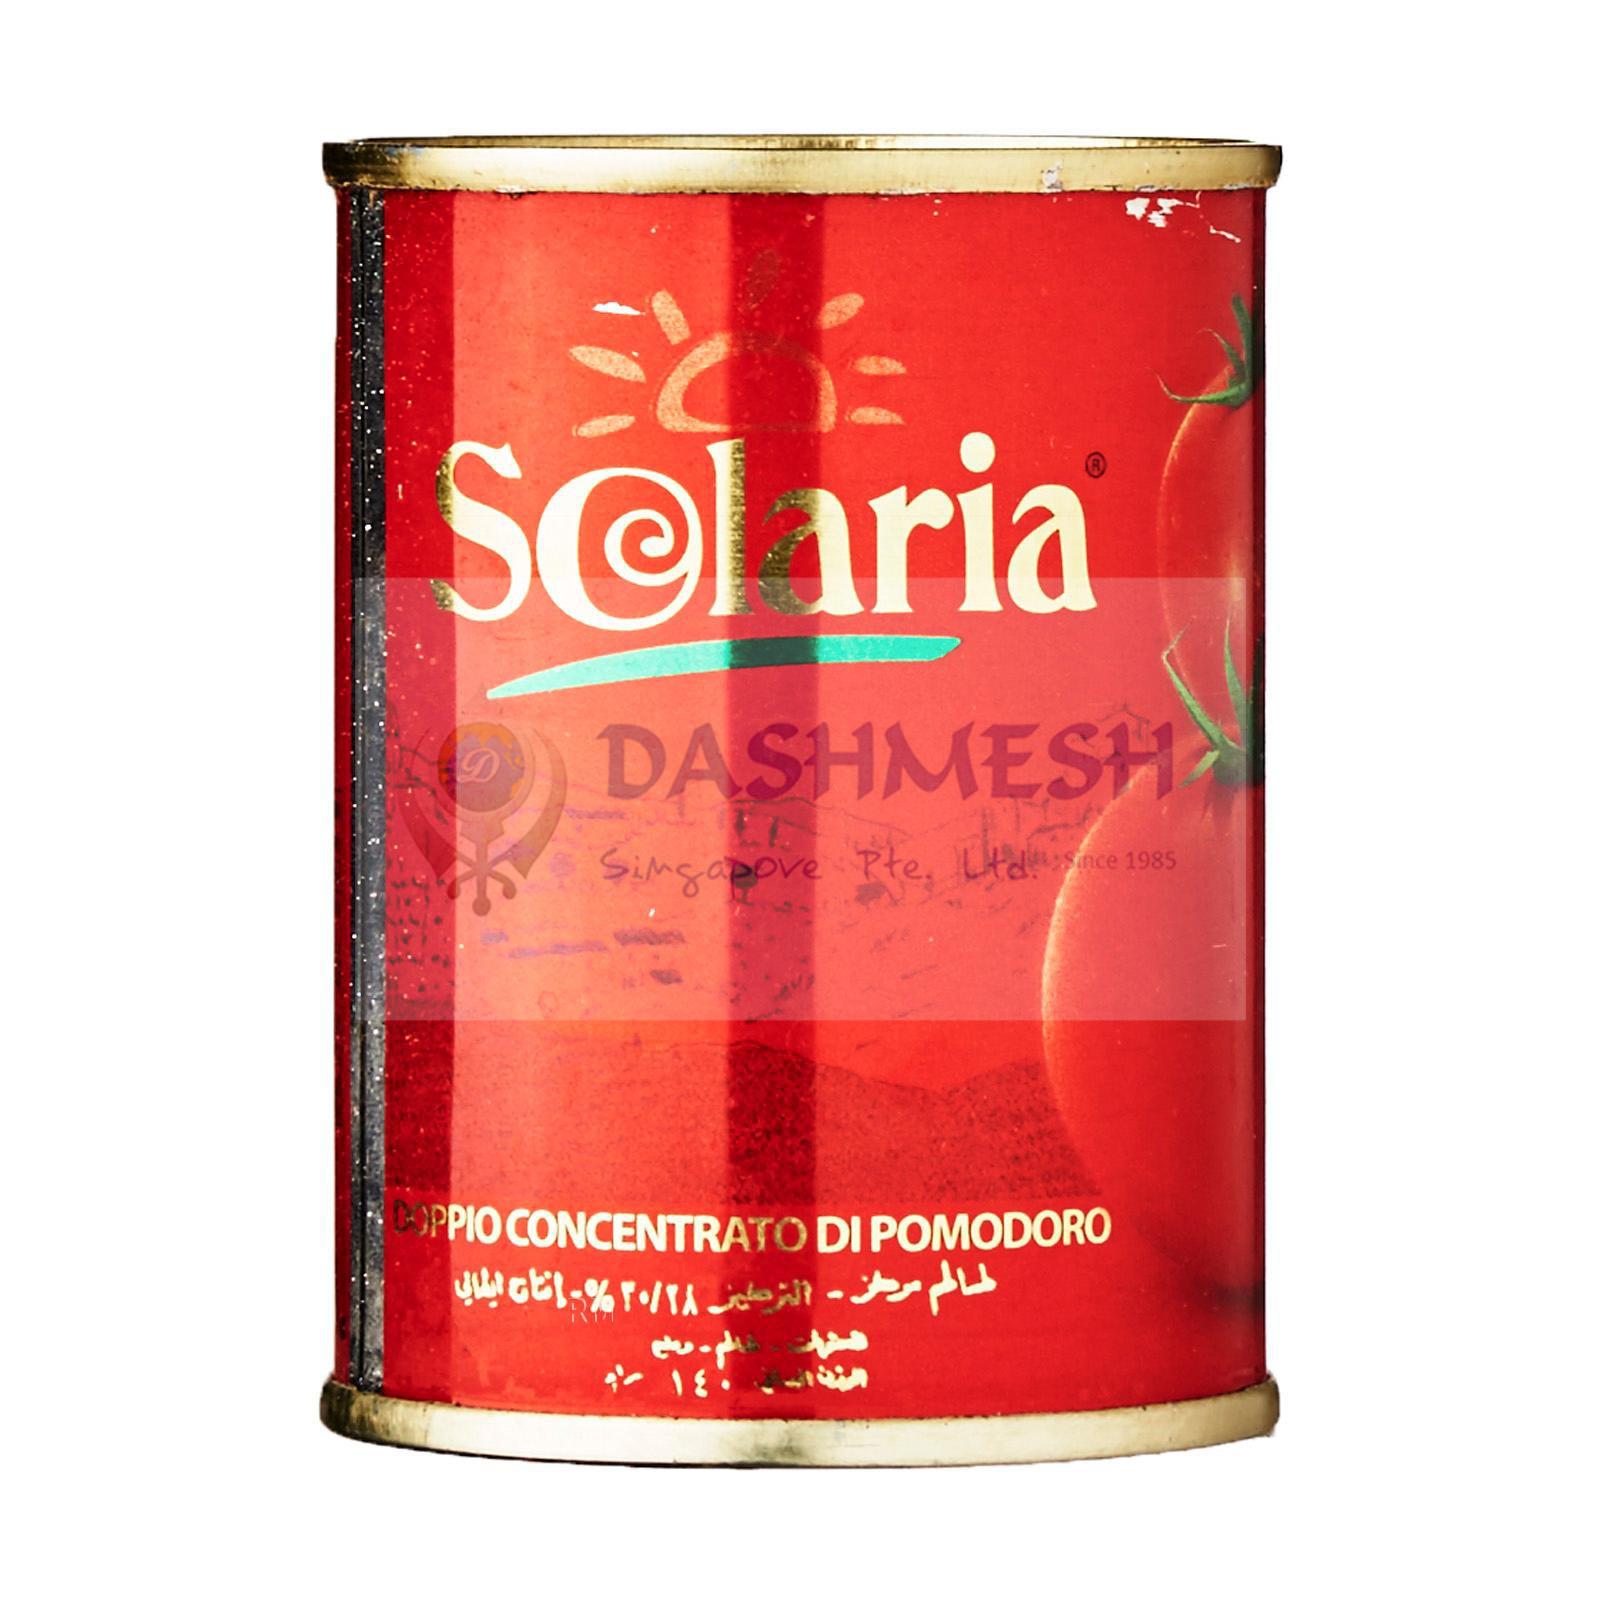 Solaria Tomato Paste 140g, 400g & 800g